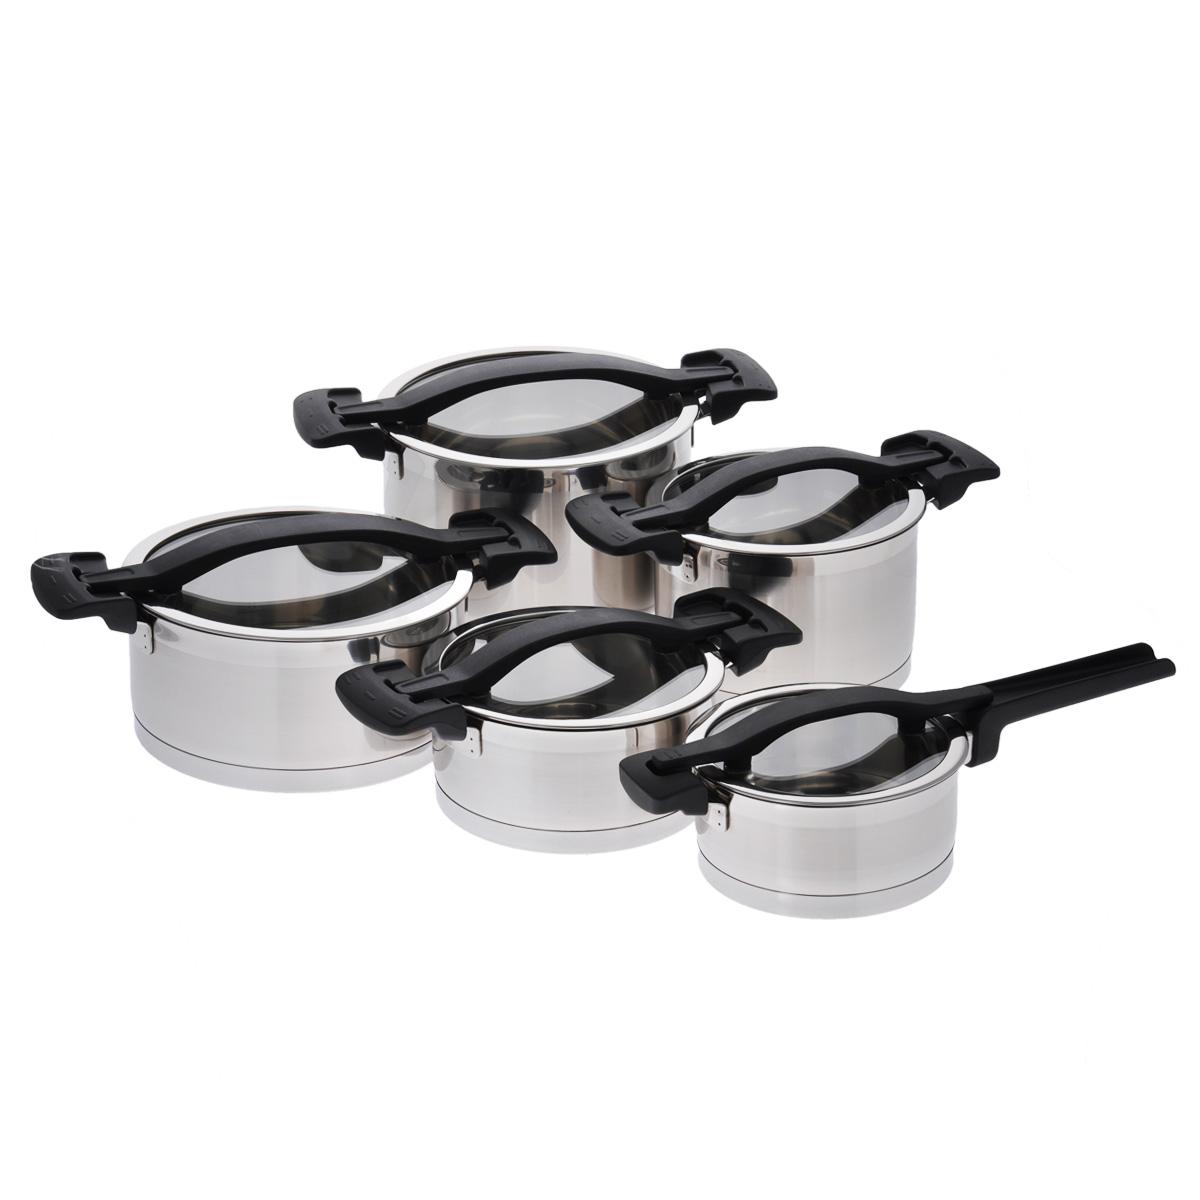 Набор посуды Tescoma Ultima, 10 предметов391602Набор посуды Tescoma Ultima, изготовленный из высококачественной нержавеющей стали 18/10, состоит из четырех кастрюль и ковша. Все предметы набора оснащены стеклянными крышками. Крышки снабжены ободами из нержавеющей стали и удобными нейлоновыми ручками. Уникальные крышки оснащены тремя рабочими функциями: без отверстия для пара - быстрое кипячение и разогрев еды, экономия энергии;небольшое отверстие для пара - для комфортного приготовления пищи; большое отверстие для пара - для приготовления жидких блюд, картофеля,макарон, супов.Посуда снабжена толстым многослойным дном, что значительно снижает вероятность пригорания пищи. Внешняя поверхность изделий оформлена сочетанием зеркальной и матовой полировки. Изделия оснащены удобными ручками из прочного и легкого нейлона. Набор посуды Tescoma Ultima - это идеальный подарок для современных хозяек, которые следят за своим здоровьем и здоровьем своей семьи. Эргономичный дизайн и функциональность позволят вам наслаждаться процессом приготовления любимых и полезных для здоровья блюд. Можно мыть в посудомоечной машине. Набор пригоден для всех типов плит, включая индукционные. Диаметр кастрюль: 18 см, 18 см, 22 см, 22 см.Объем кастрюль: 2 л, 3 л, 4 л, 5,5 л.Высота кастрюль: 12,5 см, 11 см, 15 см, 9 см.Ширина кастрюль (с учетом крышек): 31 см, 35 см, 31 см, 35 см.Диаметр ковша: 16 см.Объем ковша: 1,5 л.Высота ковша: 8 см.Длина ручки ковша: 15 см.Толщина стенок посуды: 2 мм.Толщина дна посуды: 3 мм.